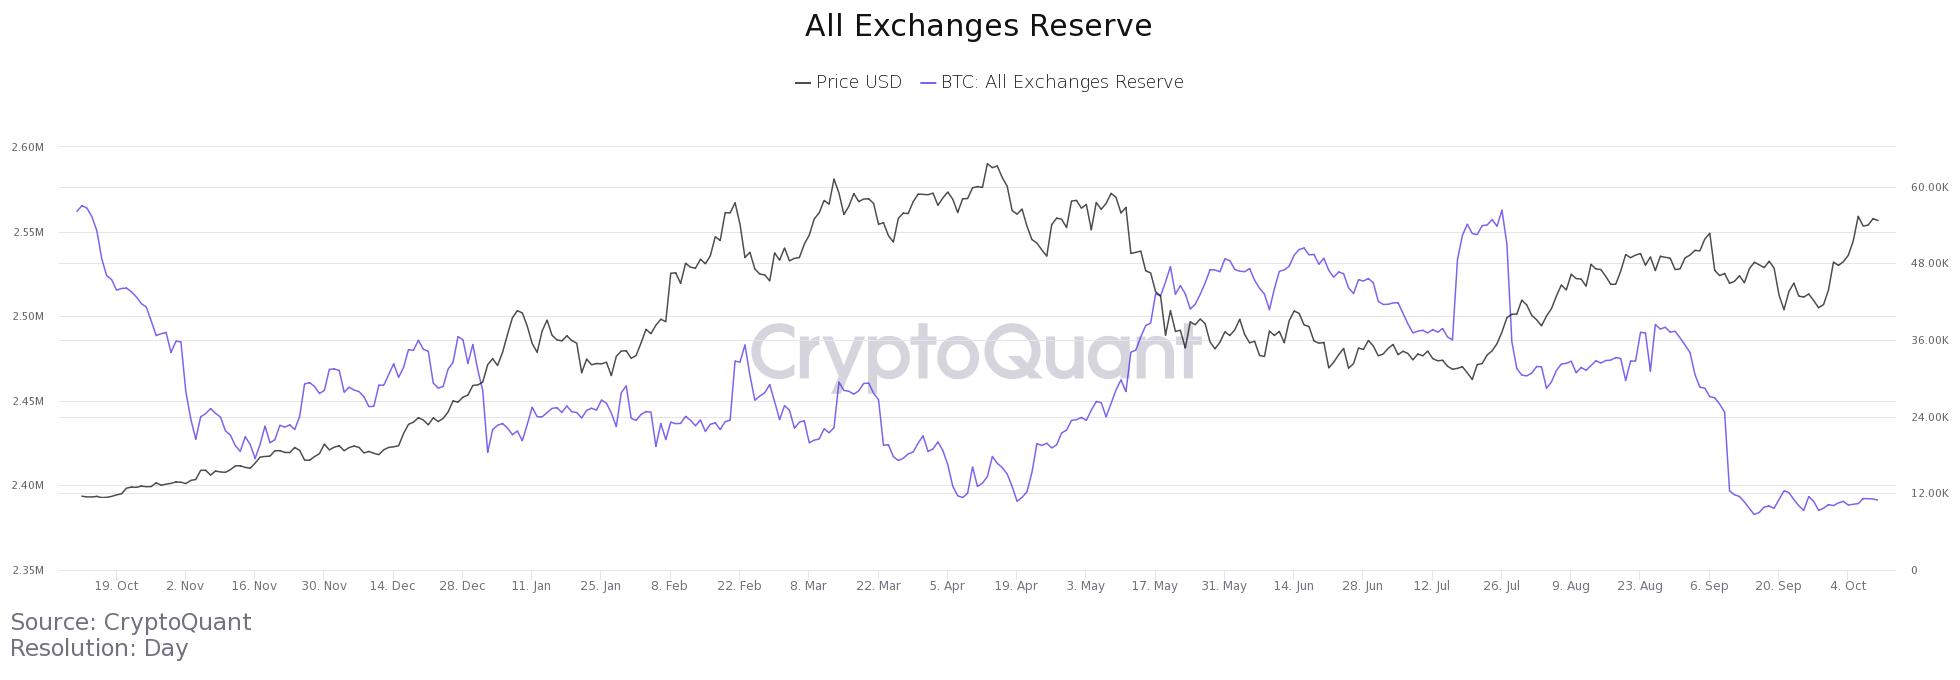 Bitcoin: analiștii țintesc $100,000 pe măsură ce prețul iese dintr-o structură bullish